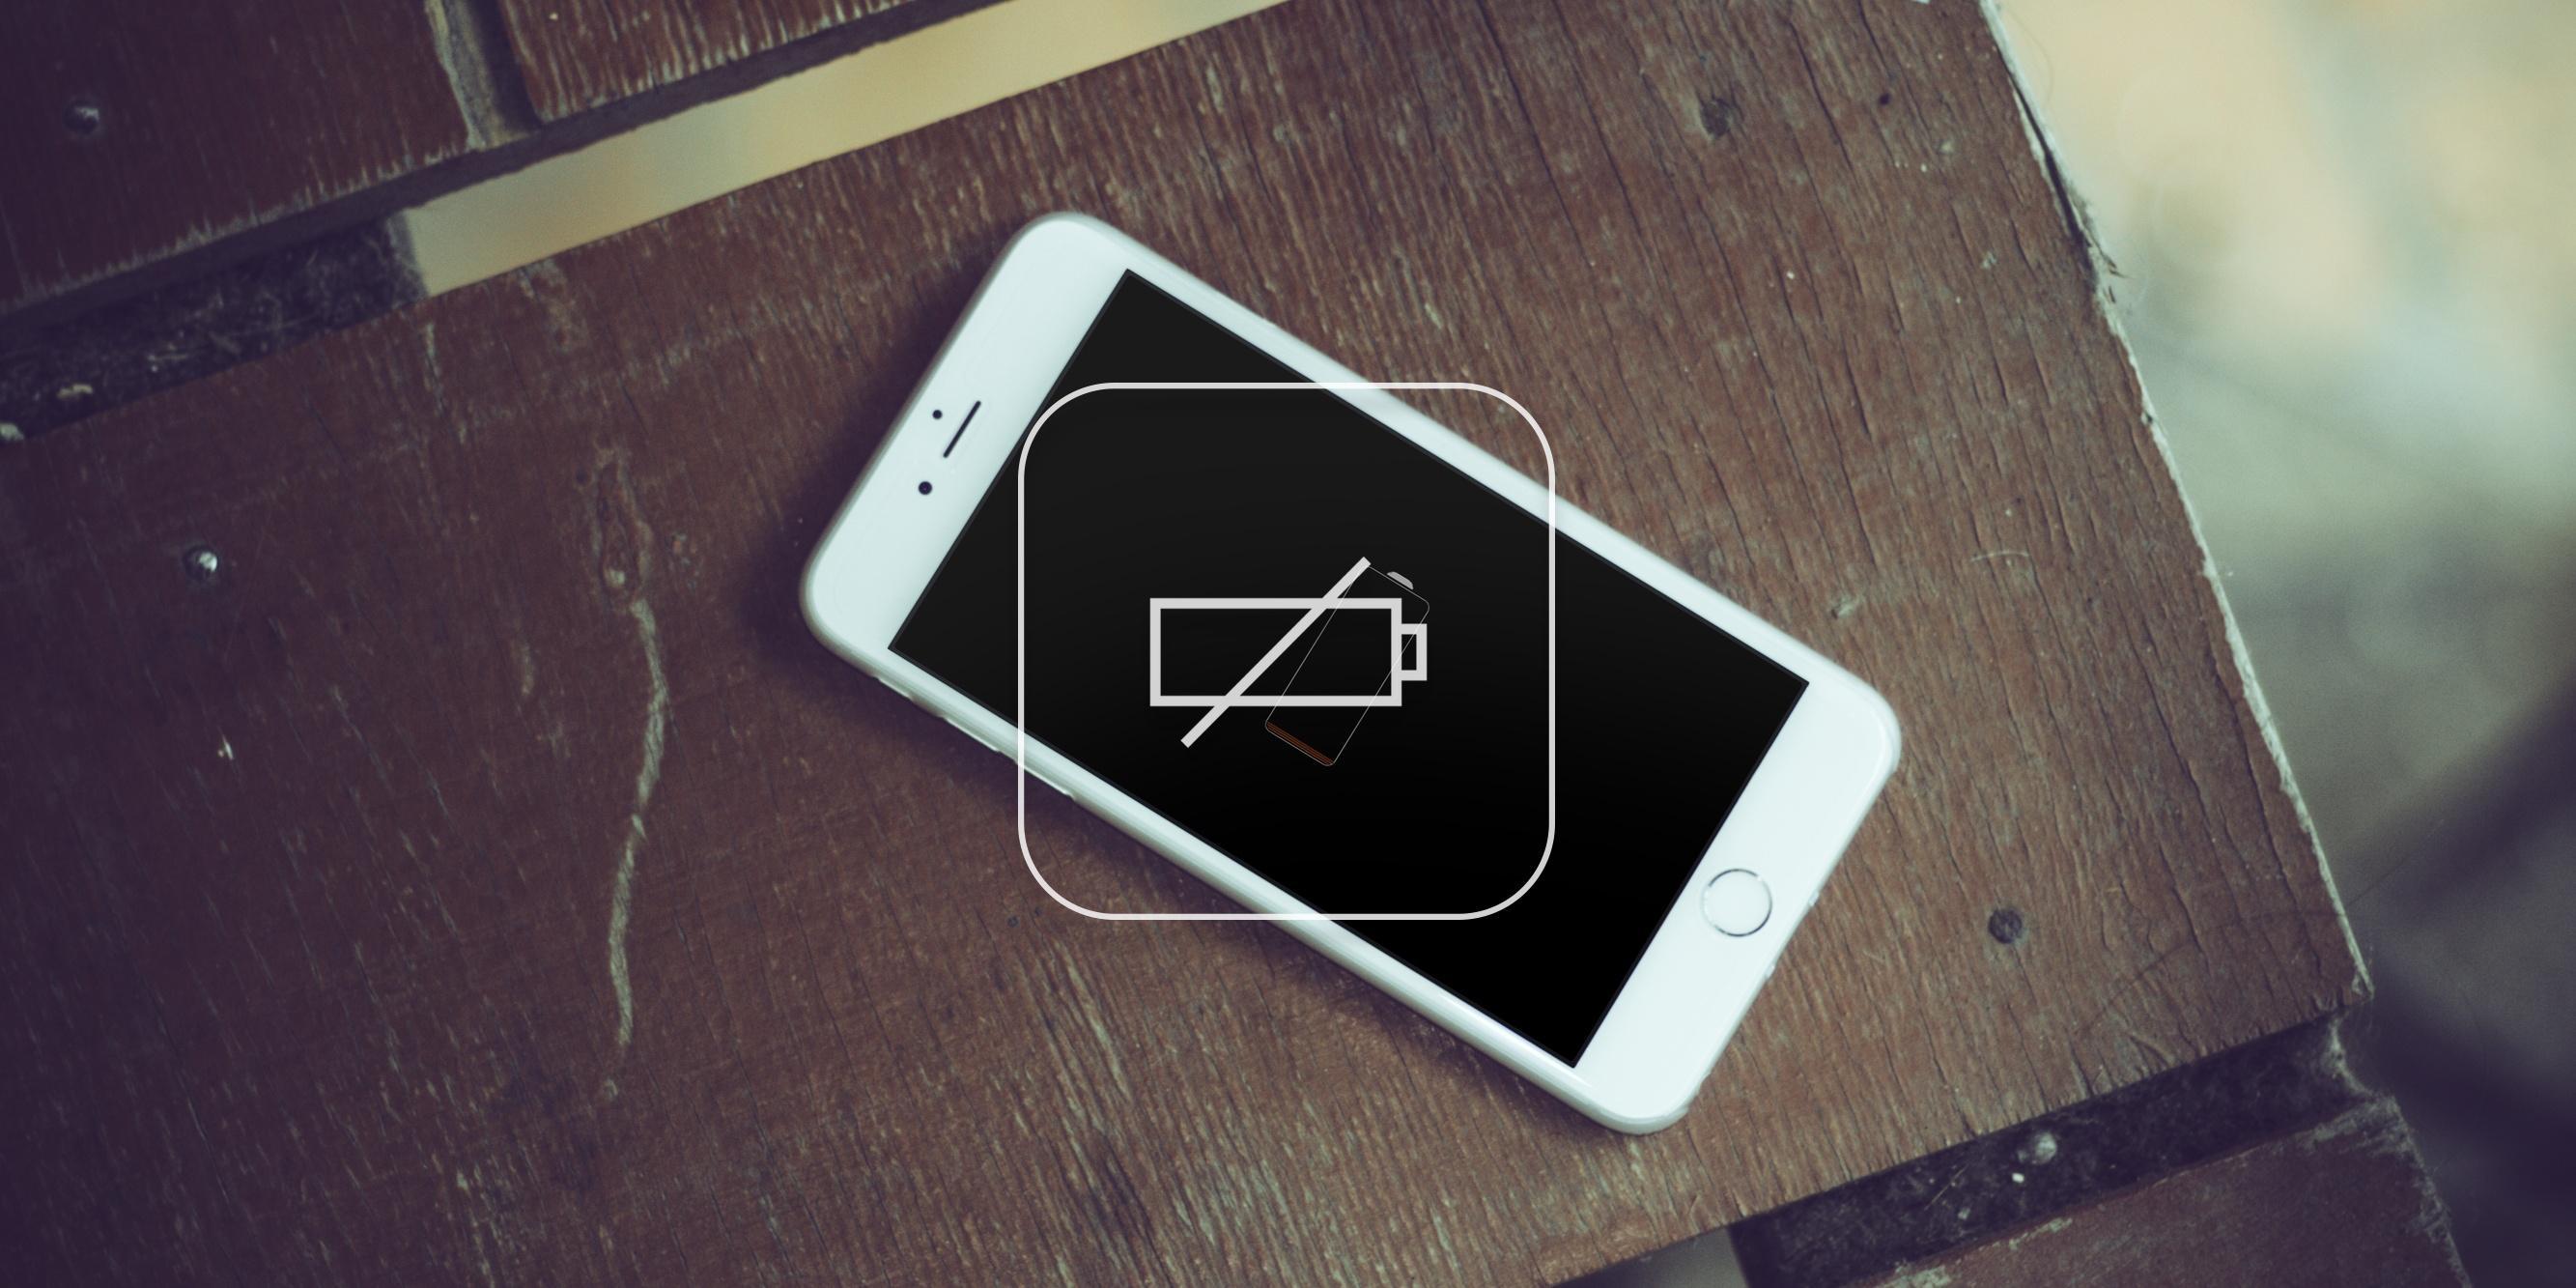 Почему так быстро разряжается iPhone 5S: 12 основных причин